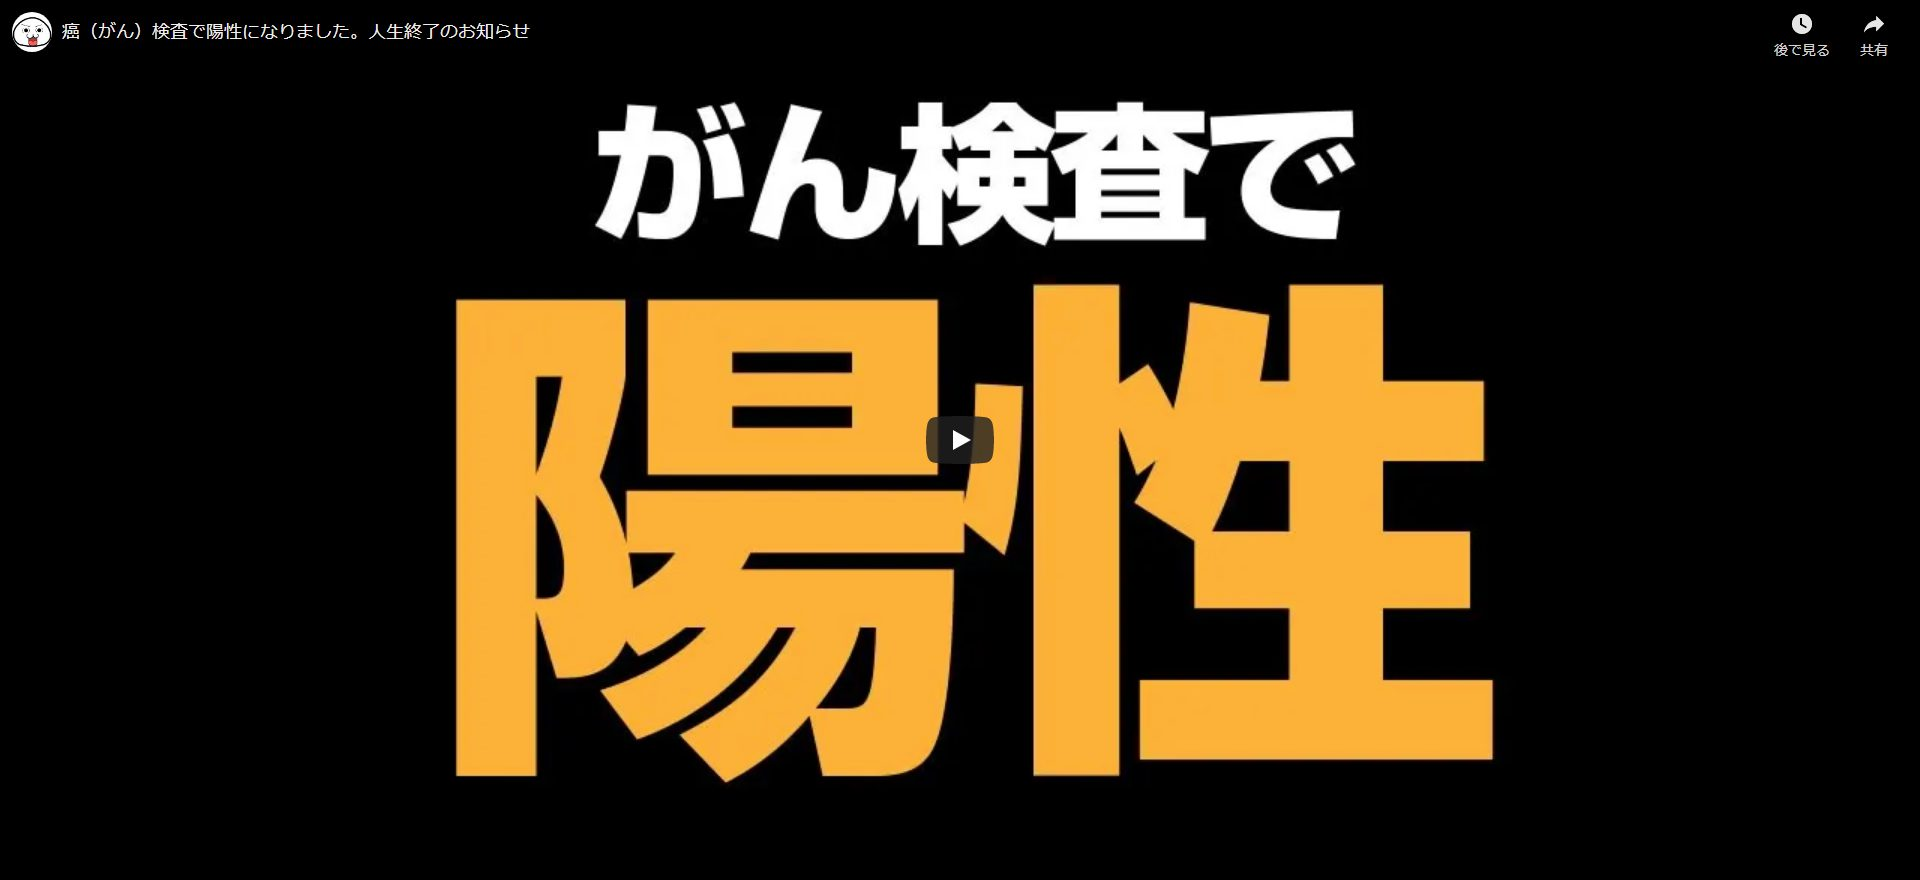 彼女 俺的ゲーム速報 jin 俺的ゲーム速報の月収がNHKにバラされる!700万円だという事が判明!